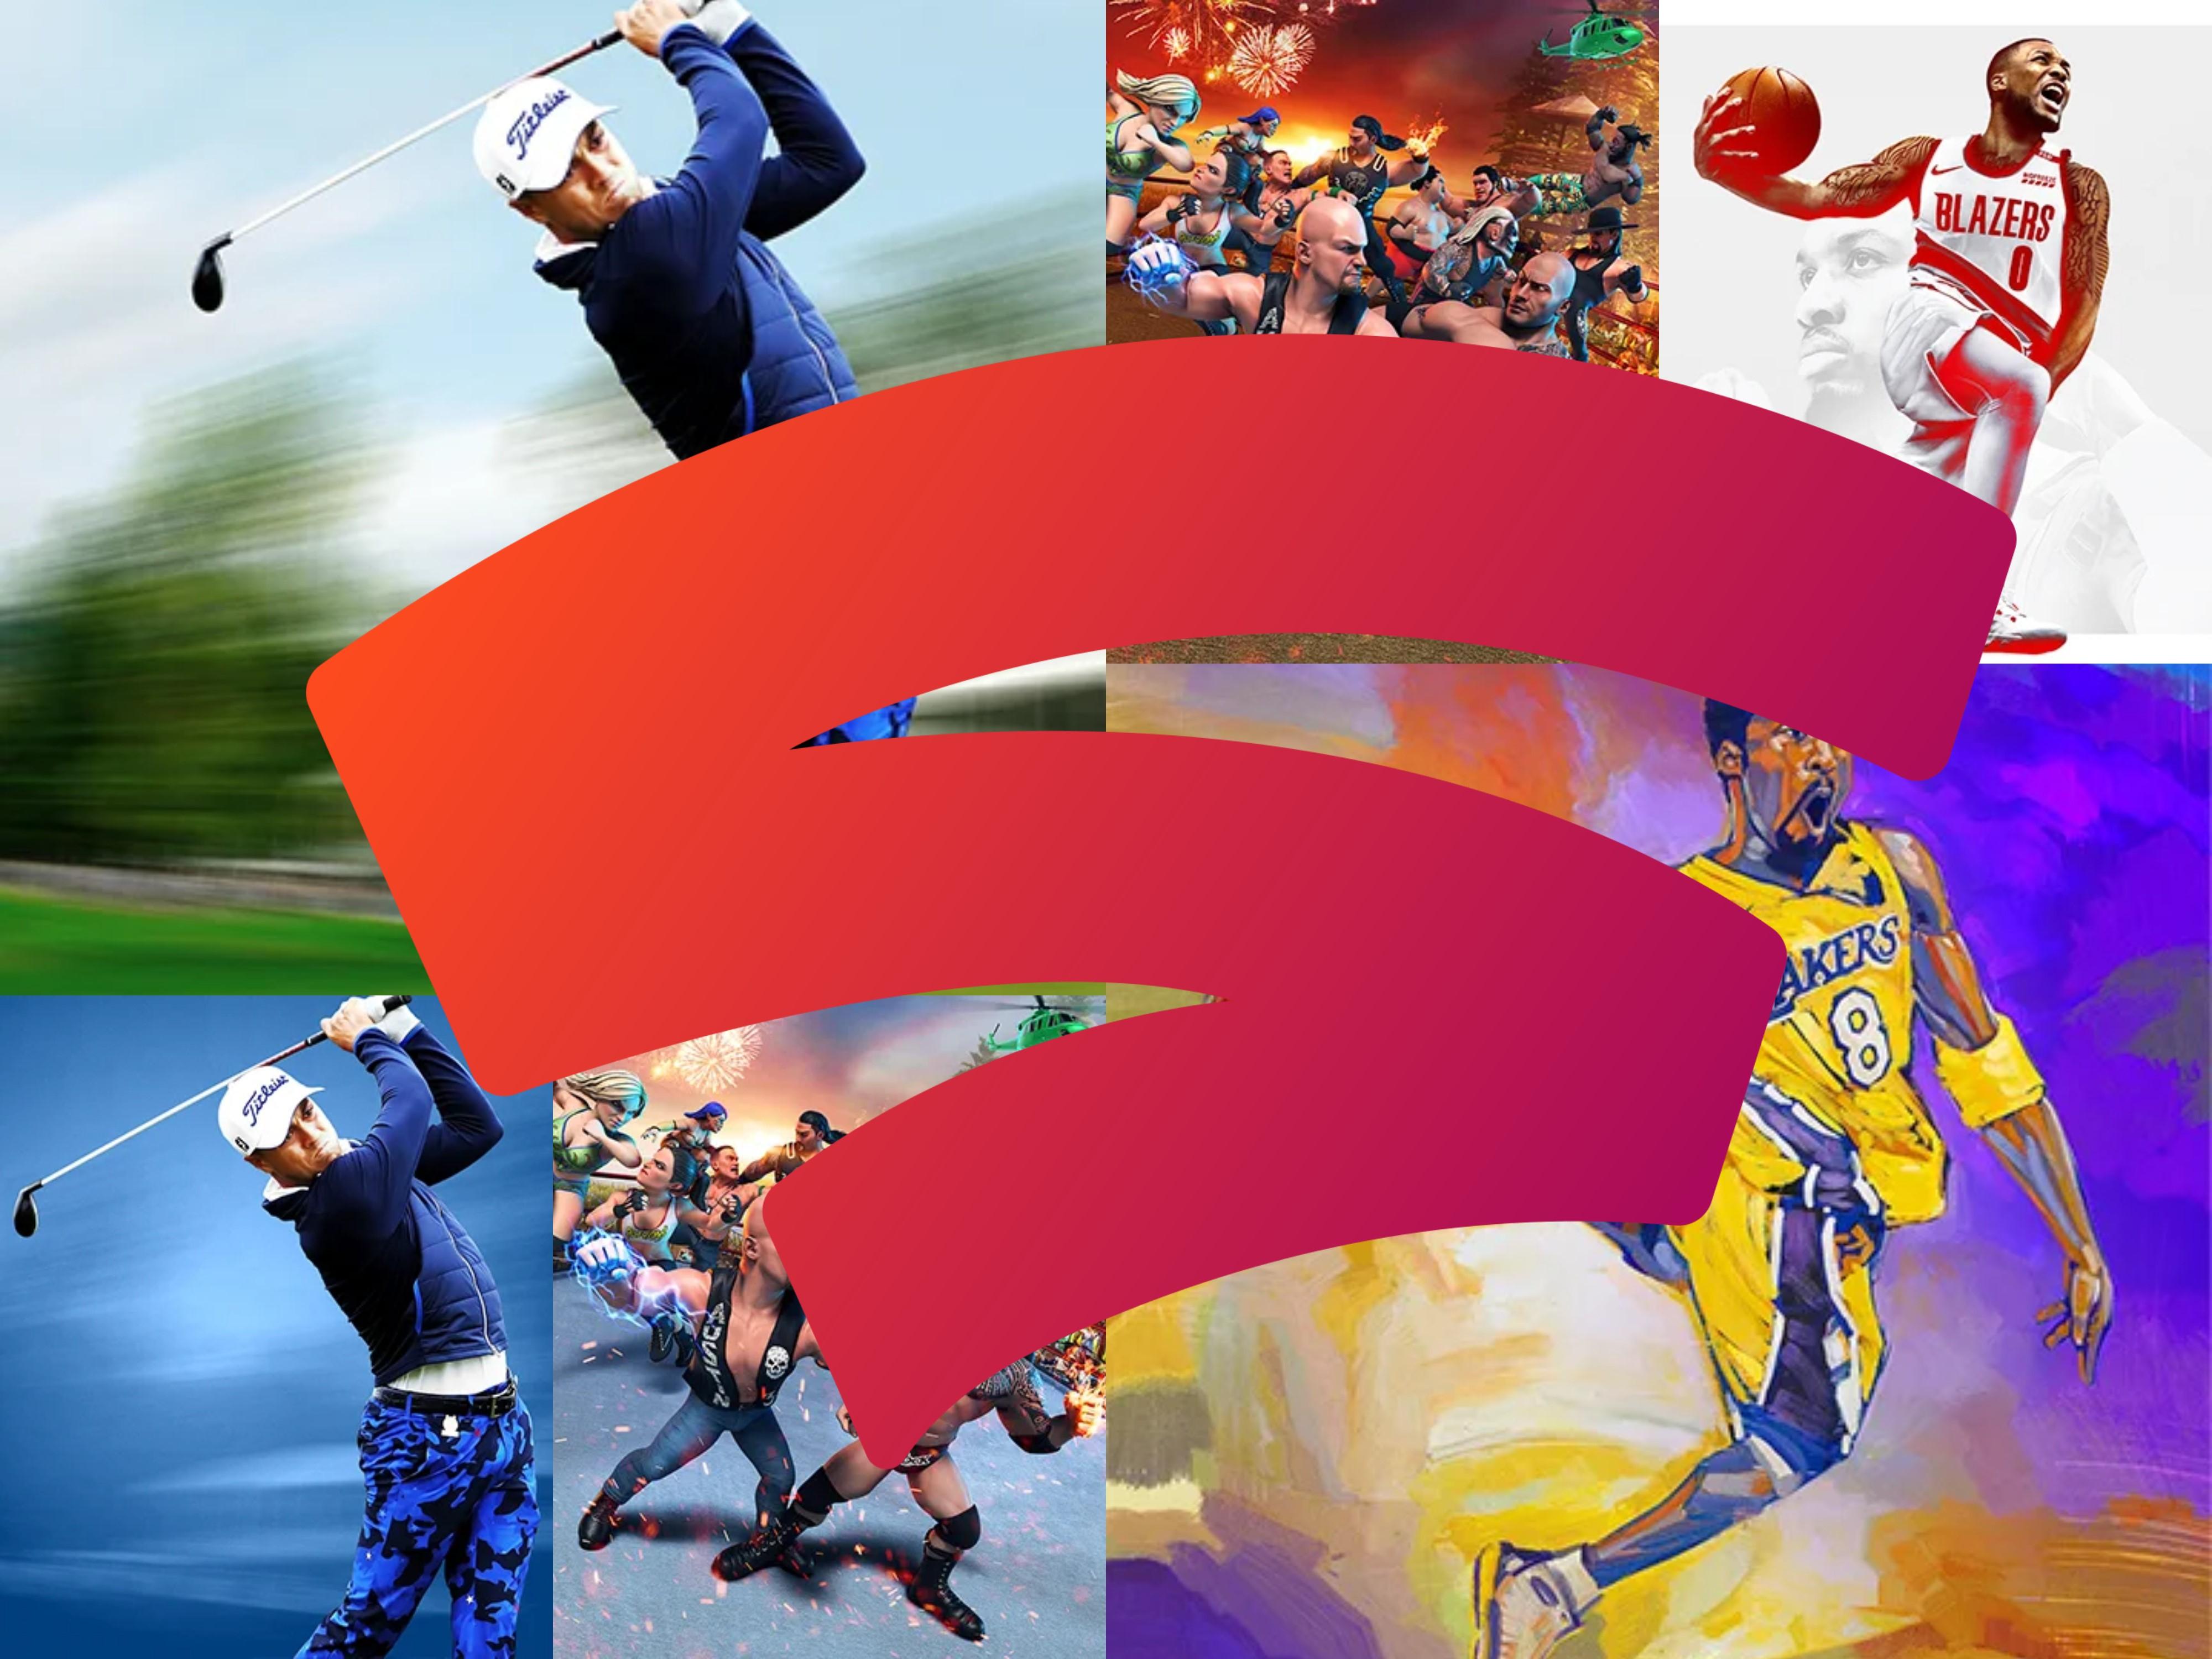 [Stadia] 2K Sportsgames Sammeldeal mit PGA TOUR 2K21, NBA2K21 und WWE 2K